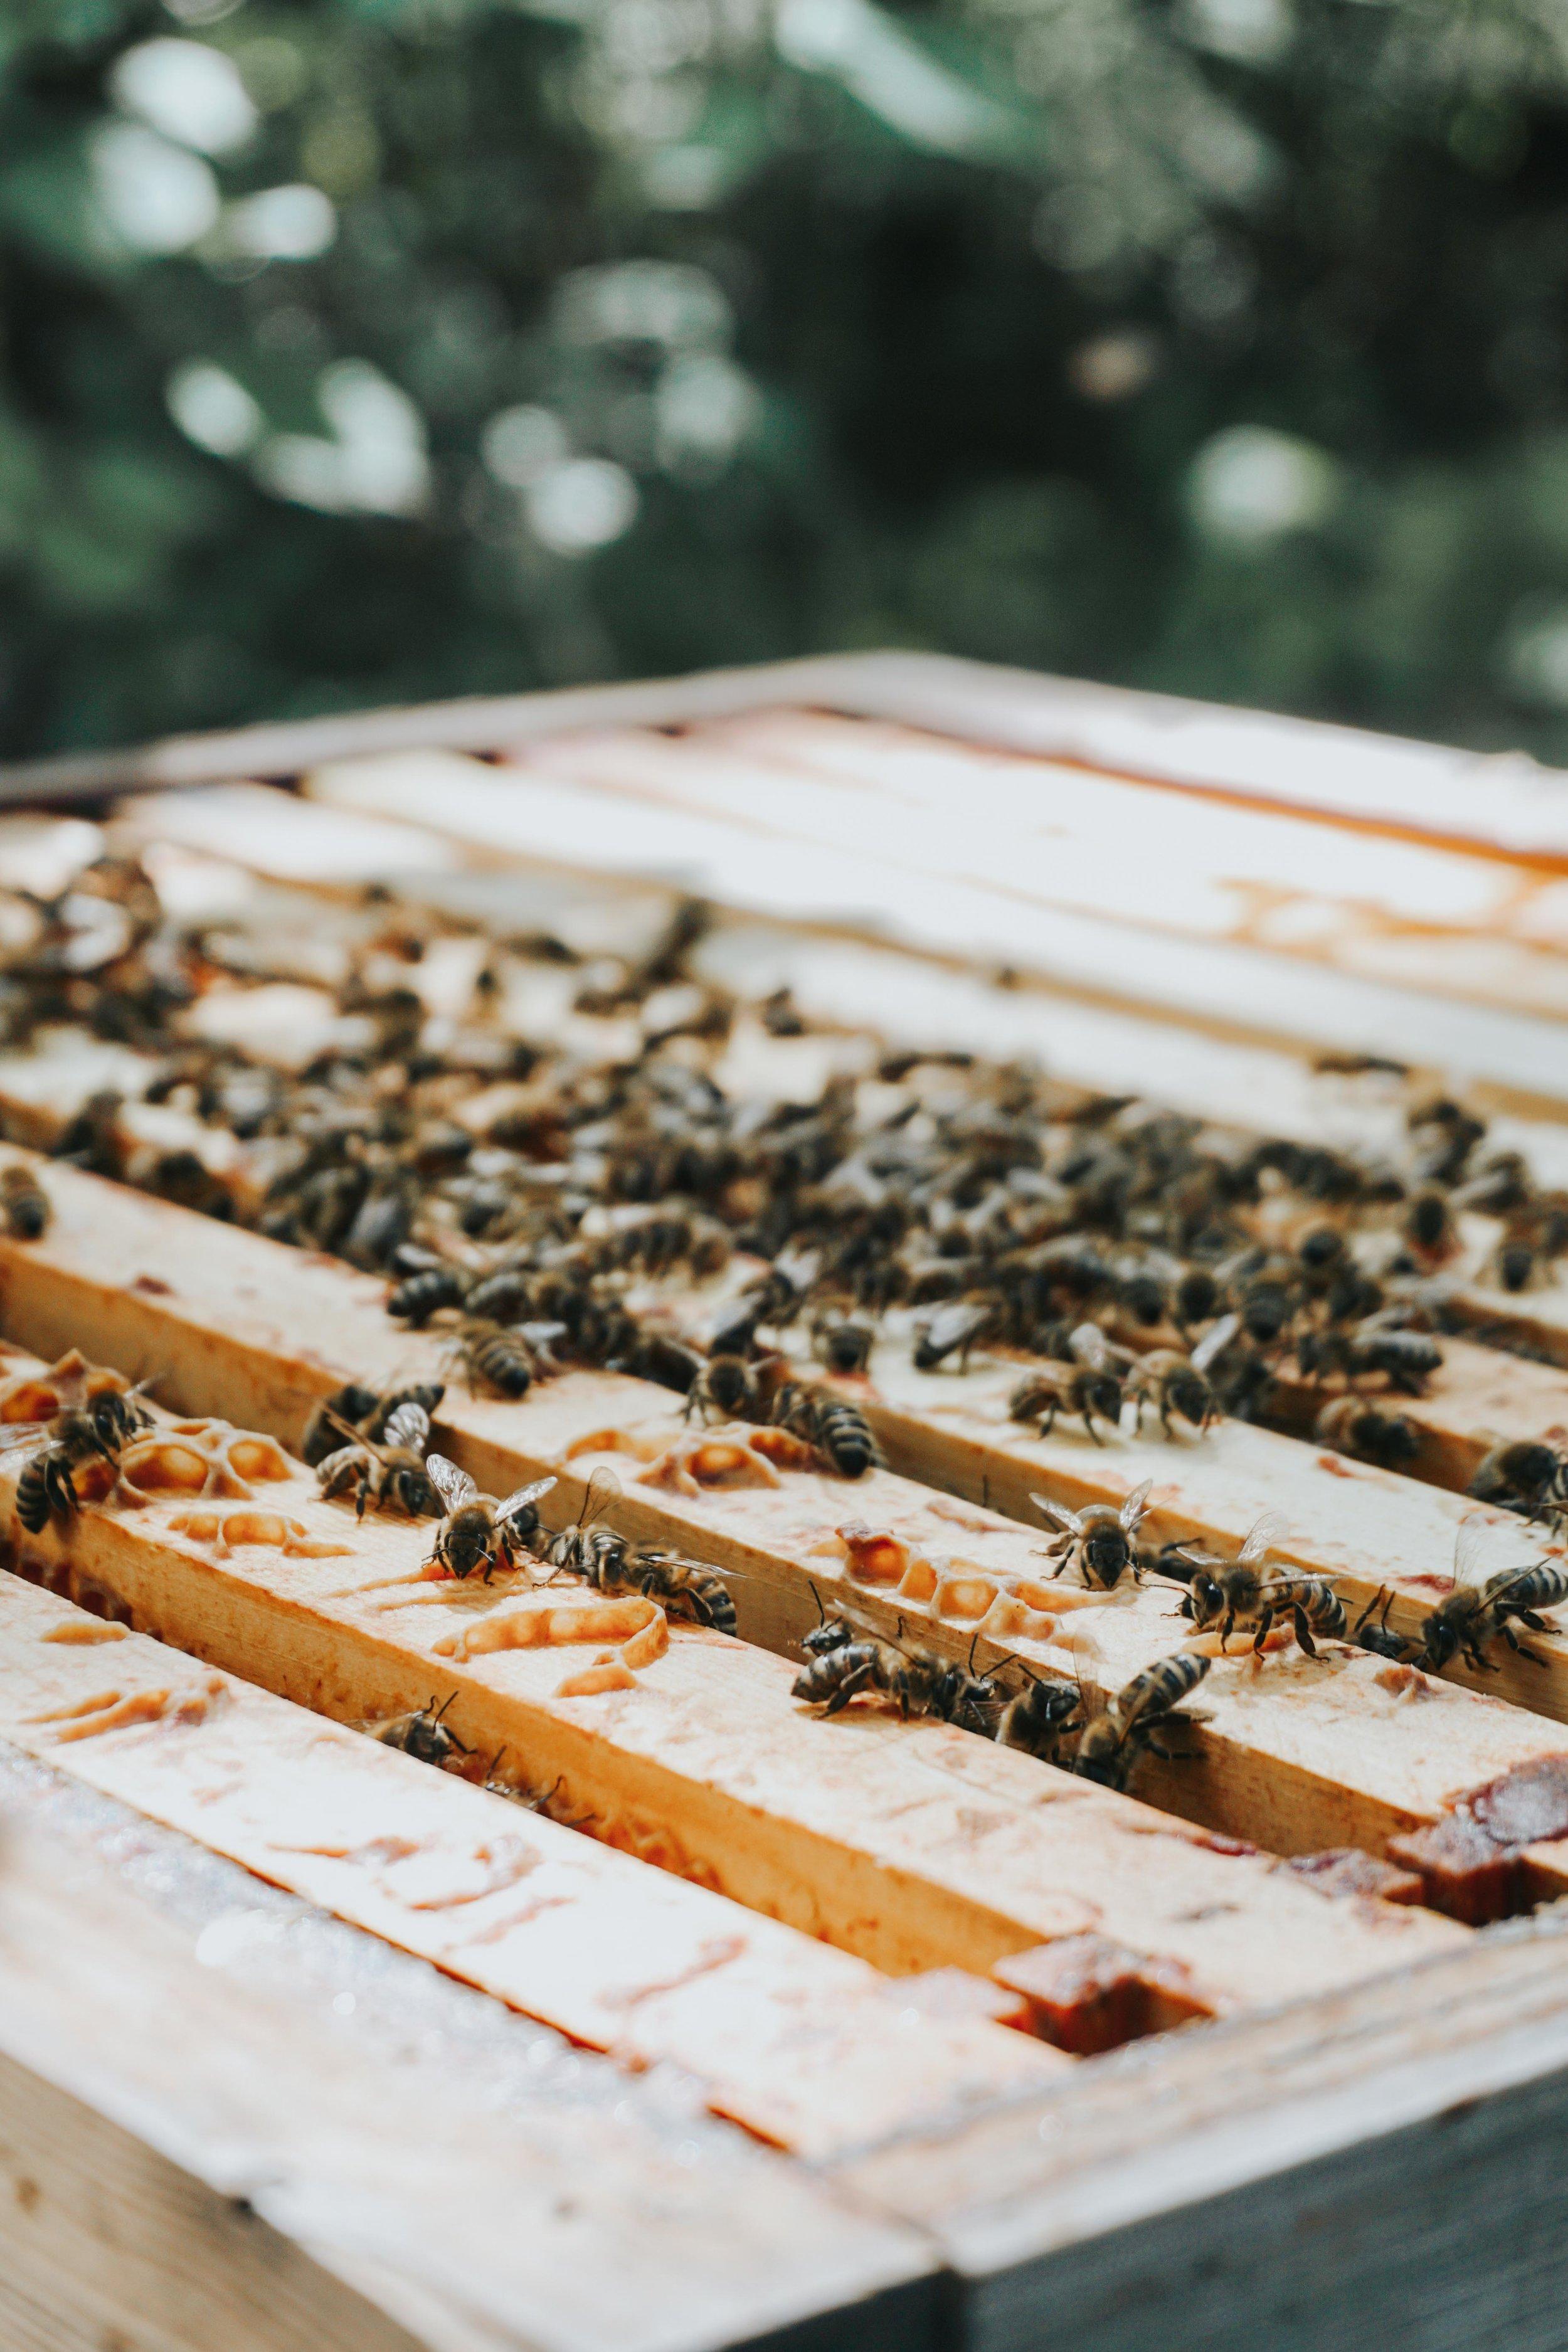 bees-beehive.jpg